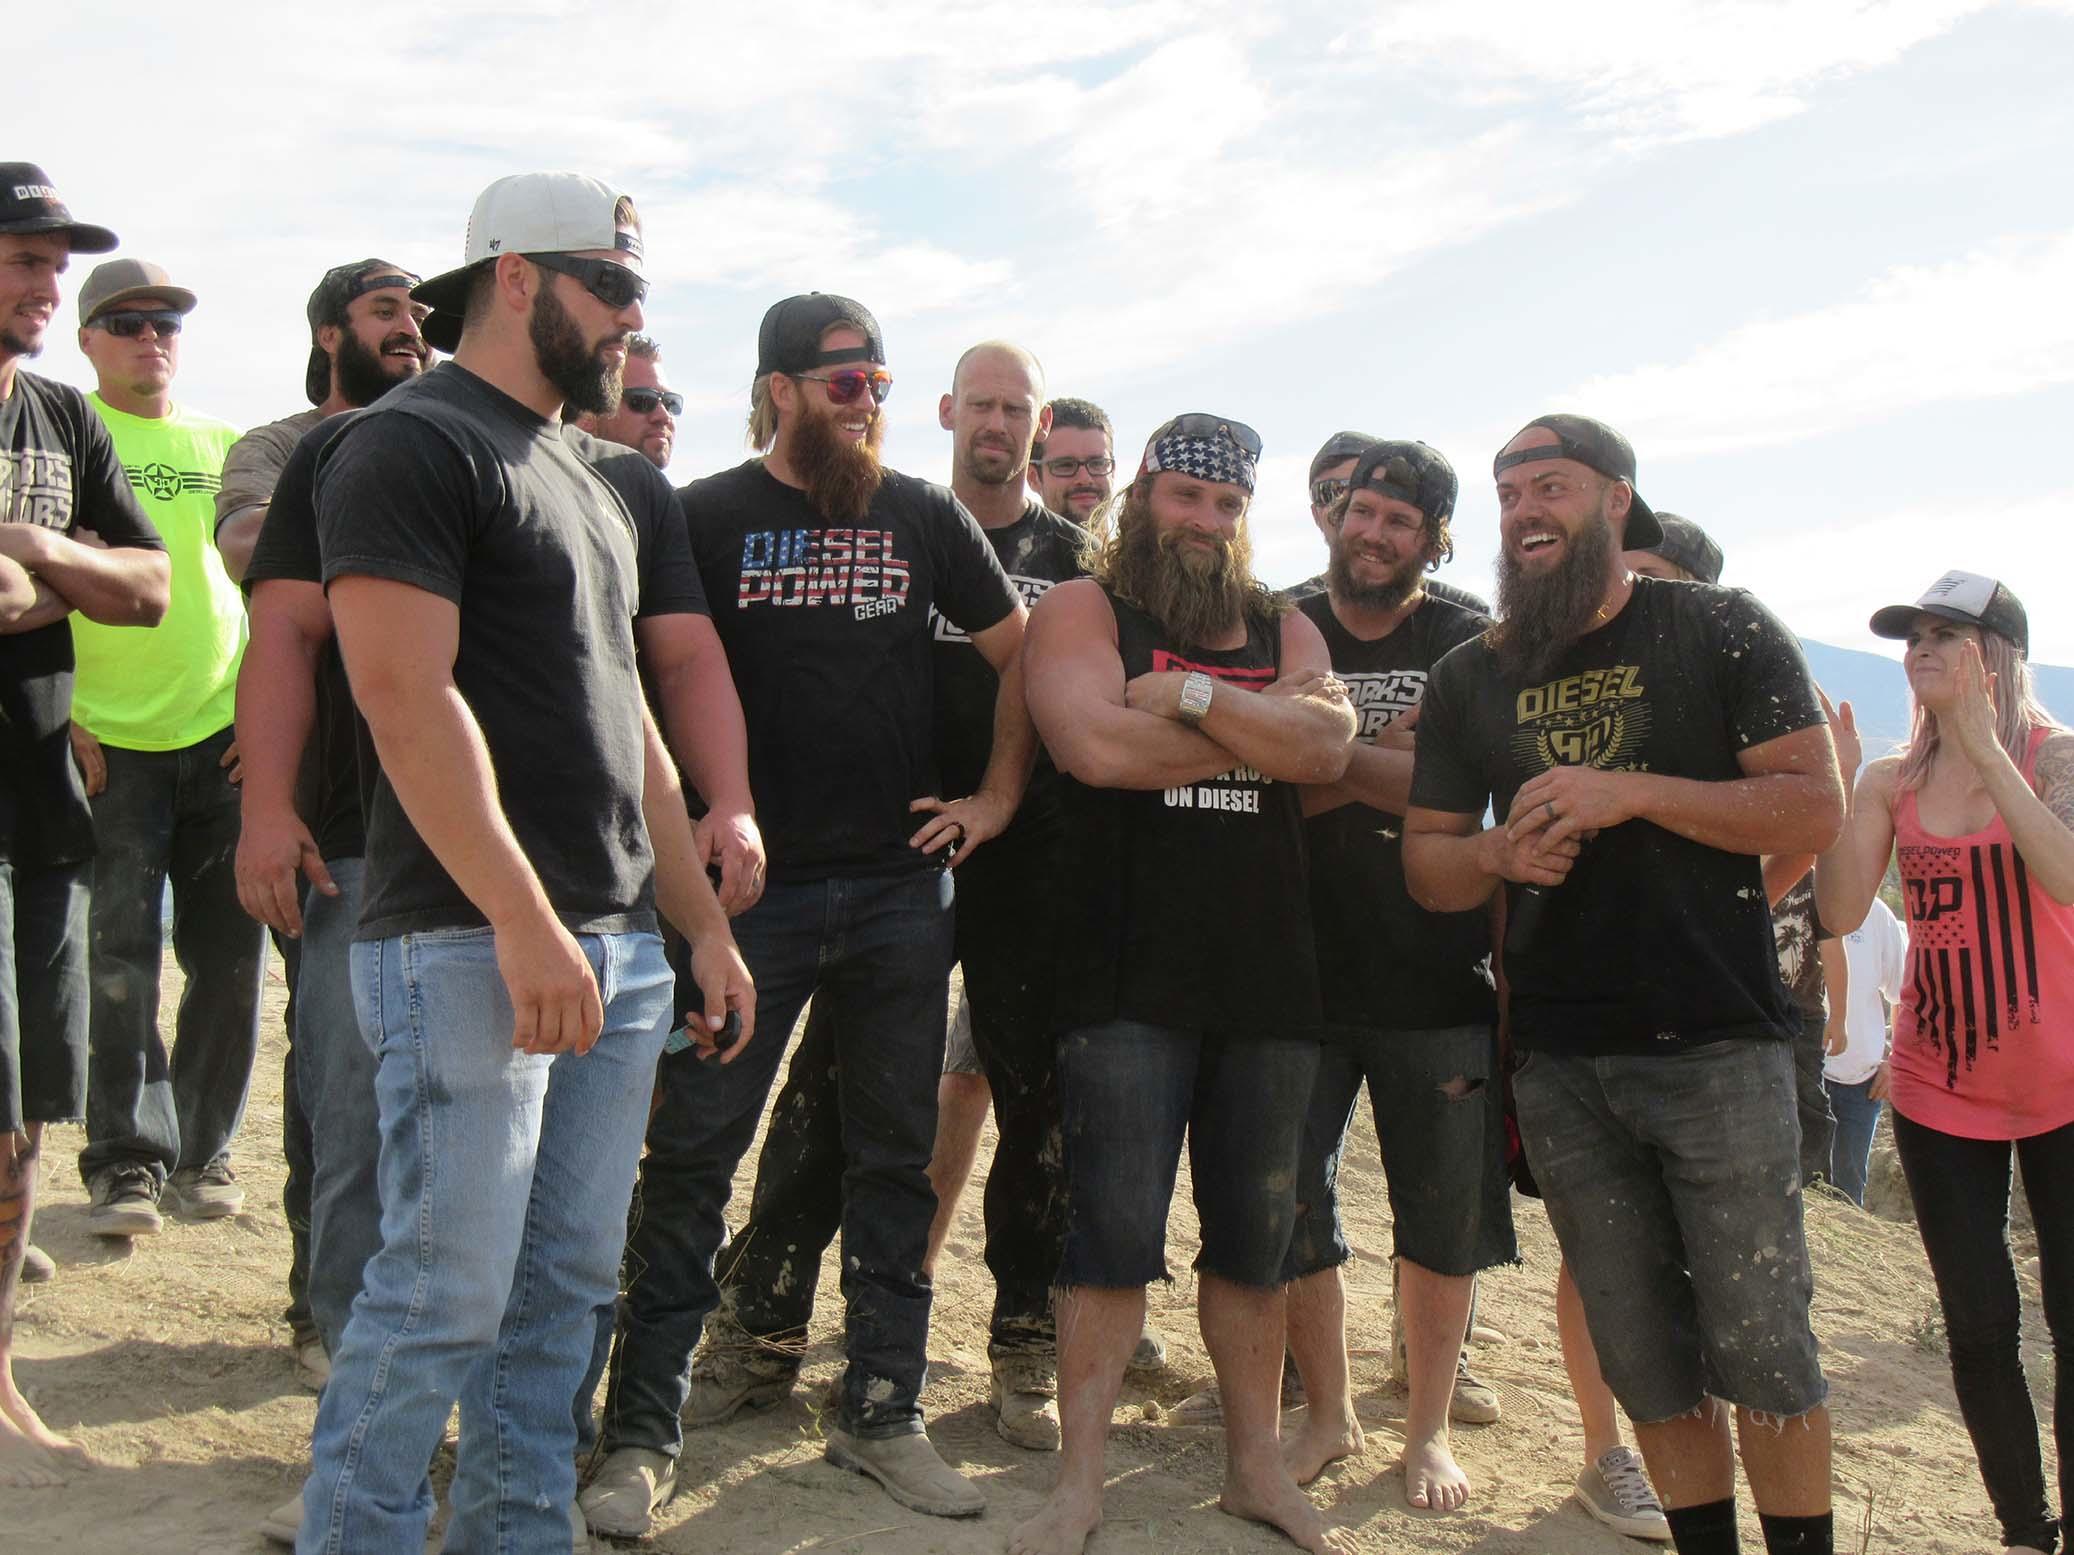 The DieselSellerz Crew